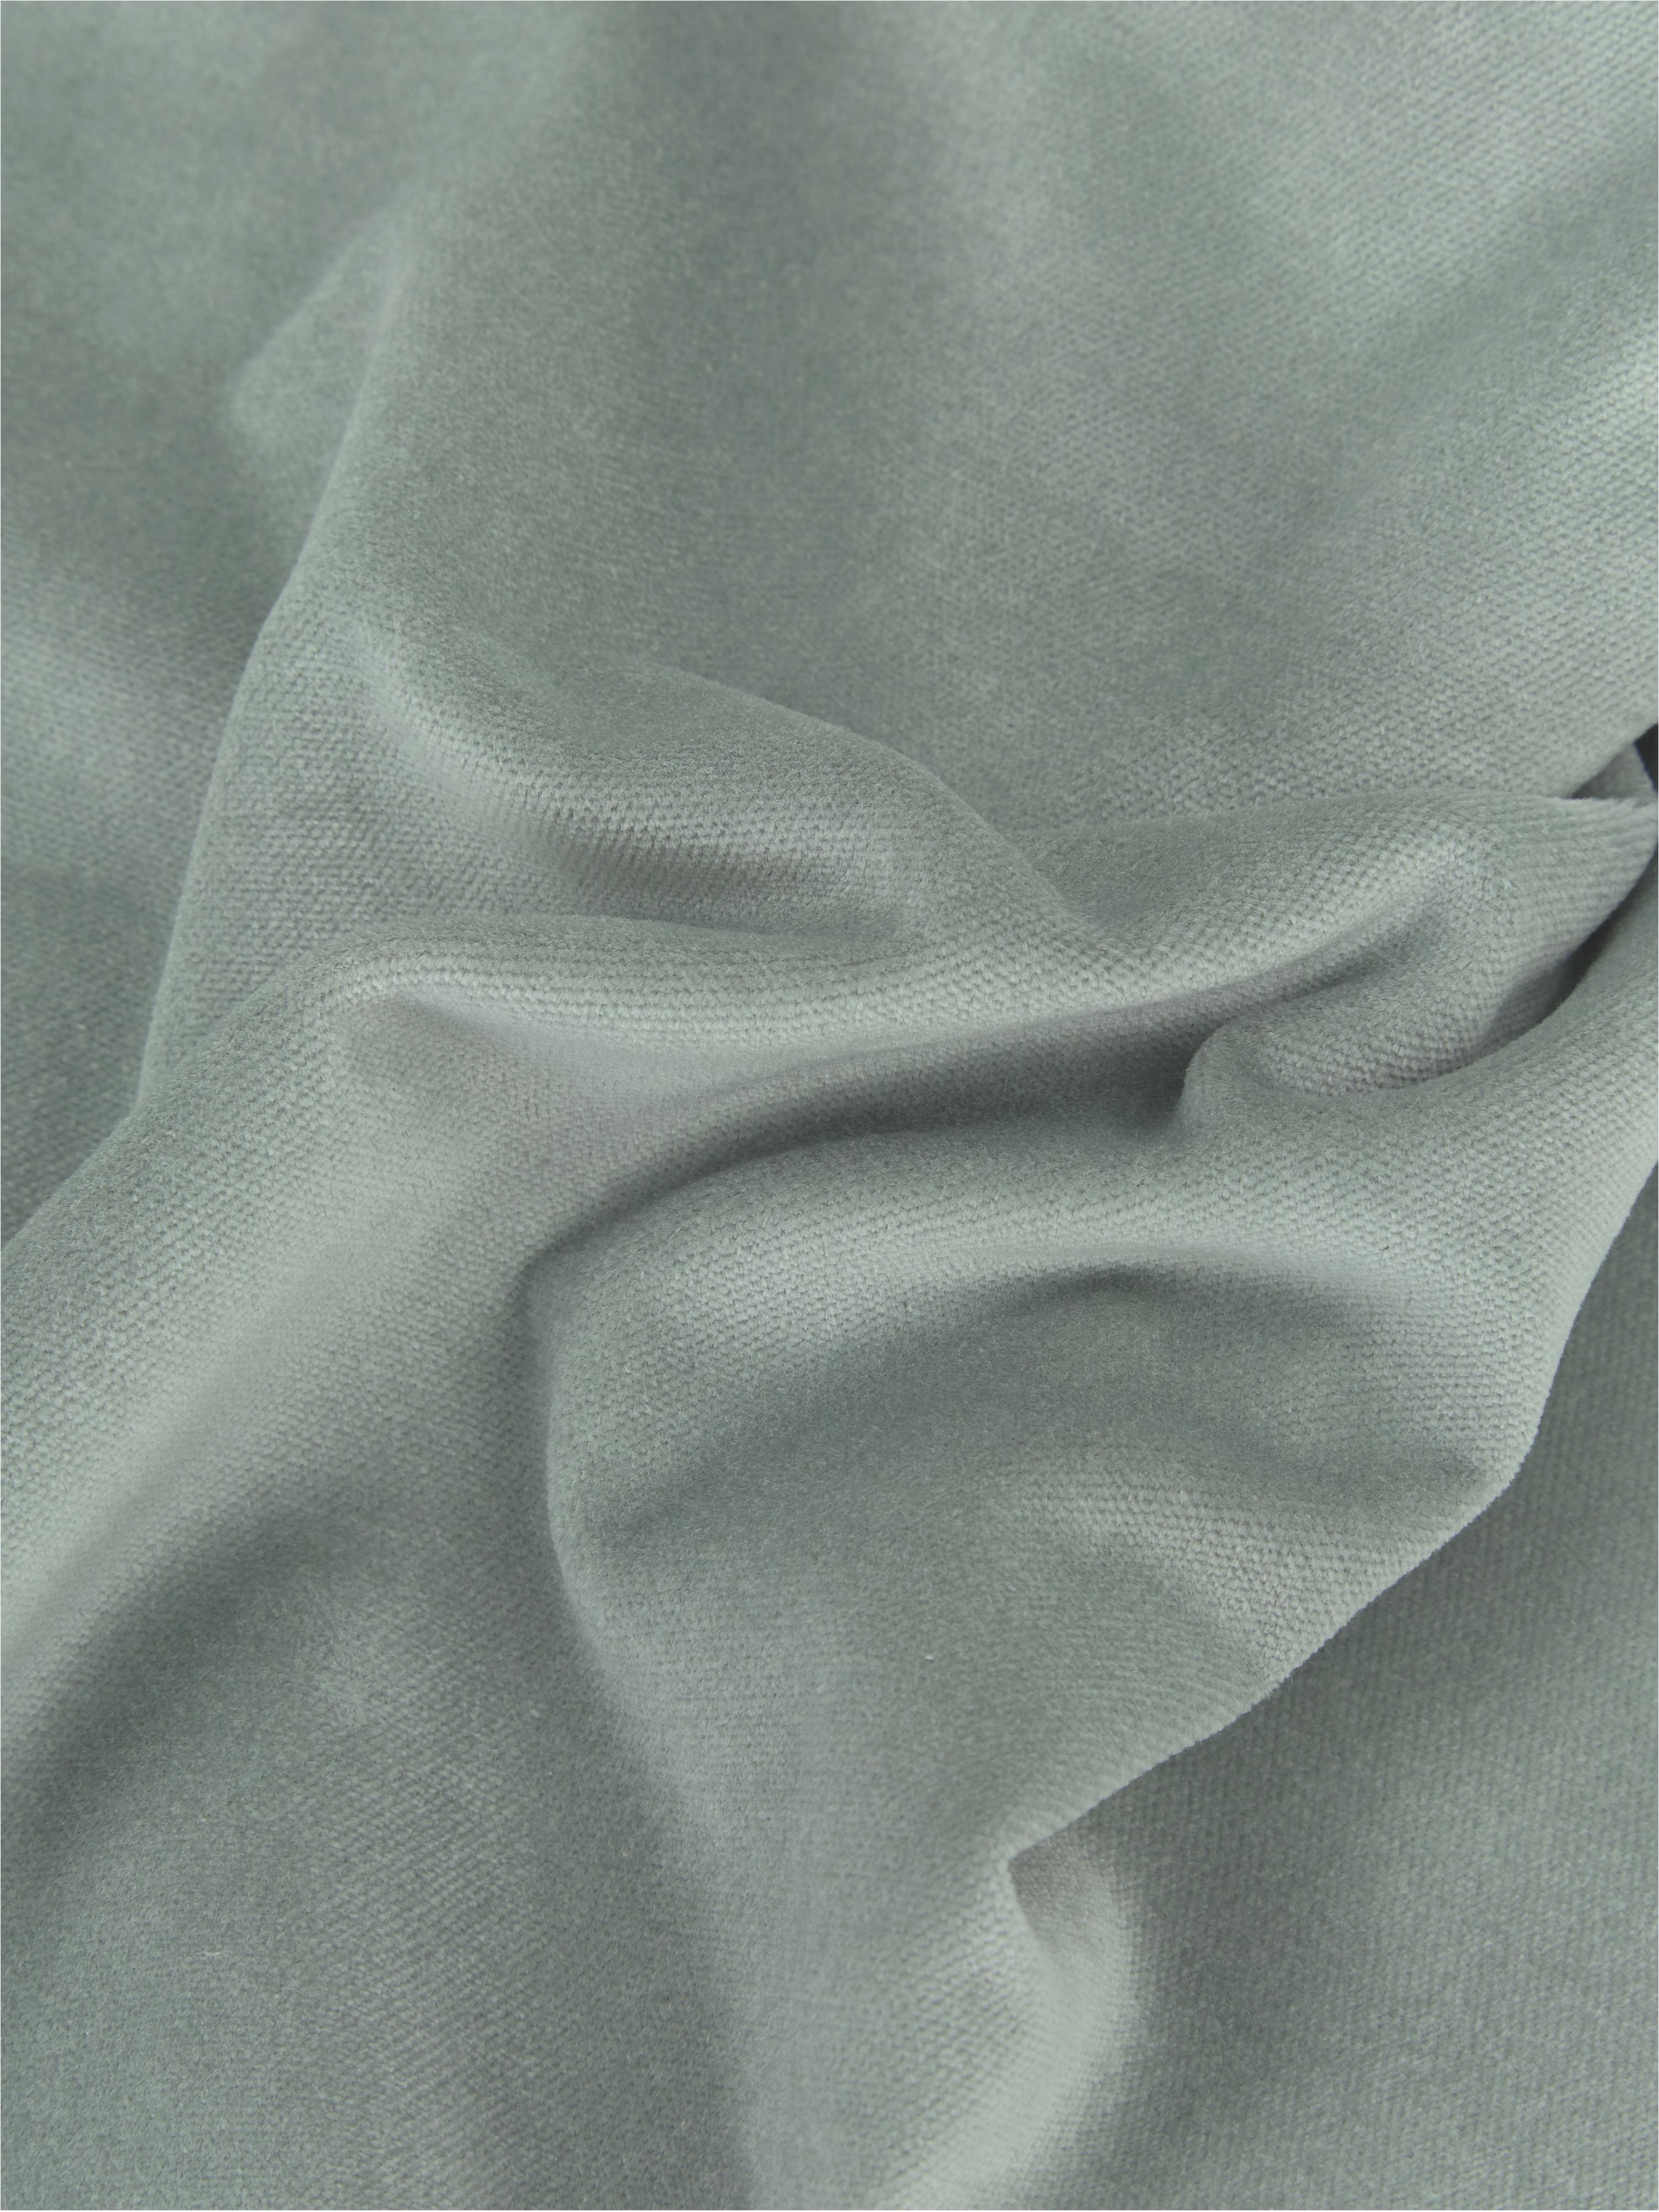 Effen fluwelen kussenhoes Dana in saliegroen, Katoenfluweel, Saliegroen, 40 x 40 cm